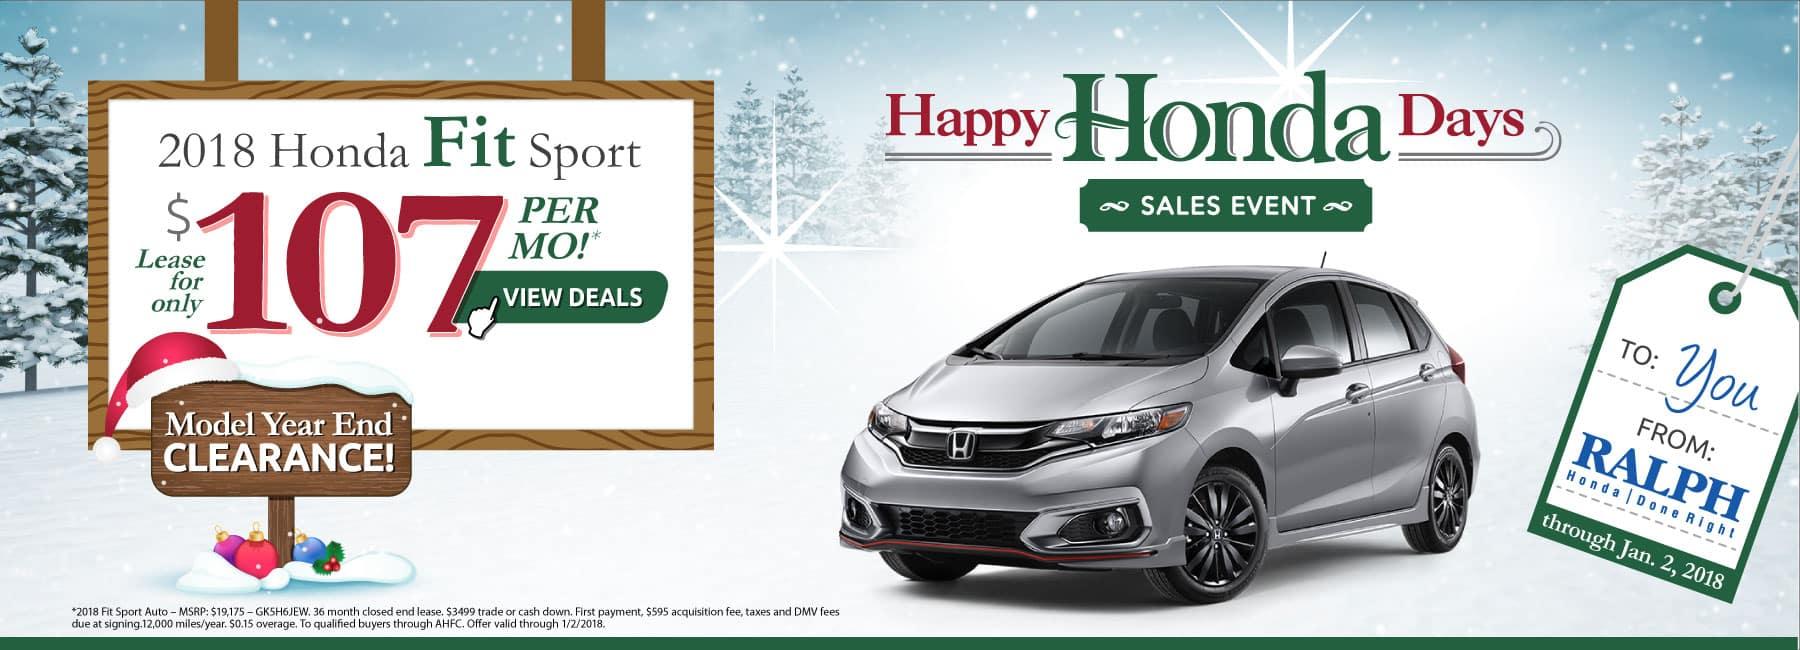 Honda lease specials for Honda fit deals